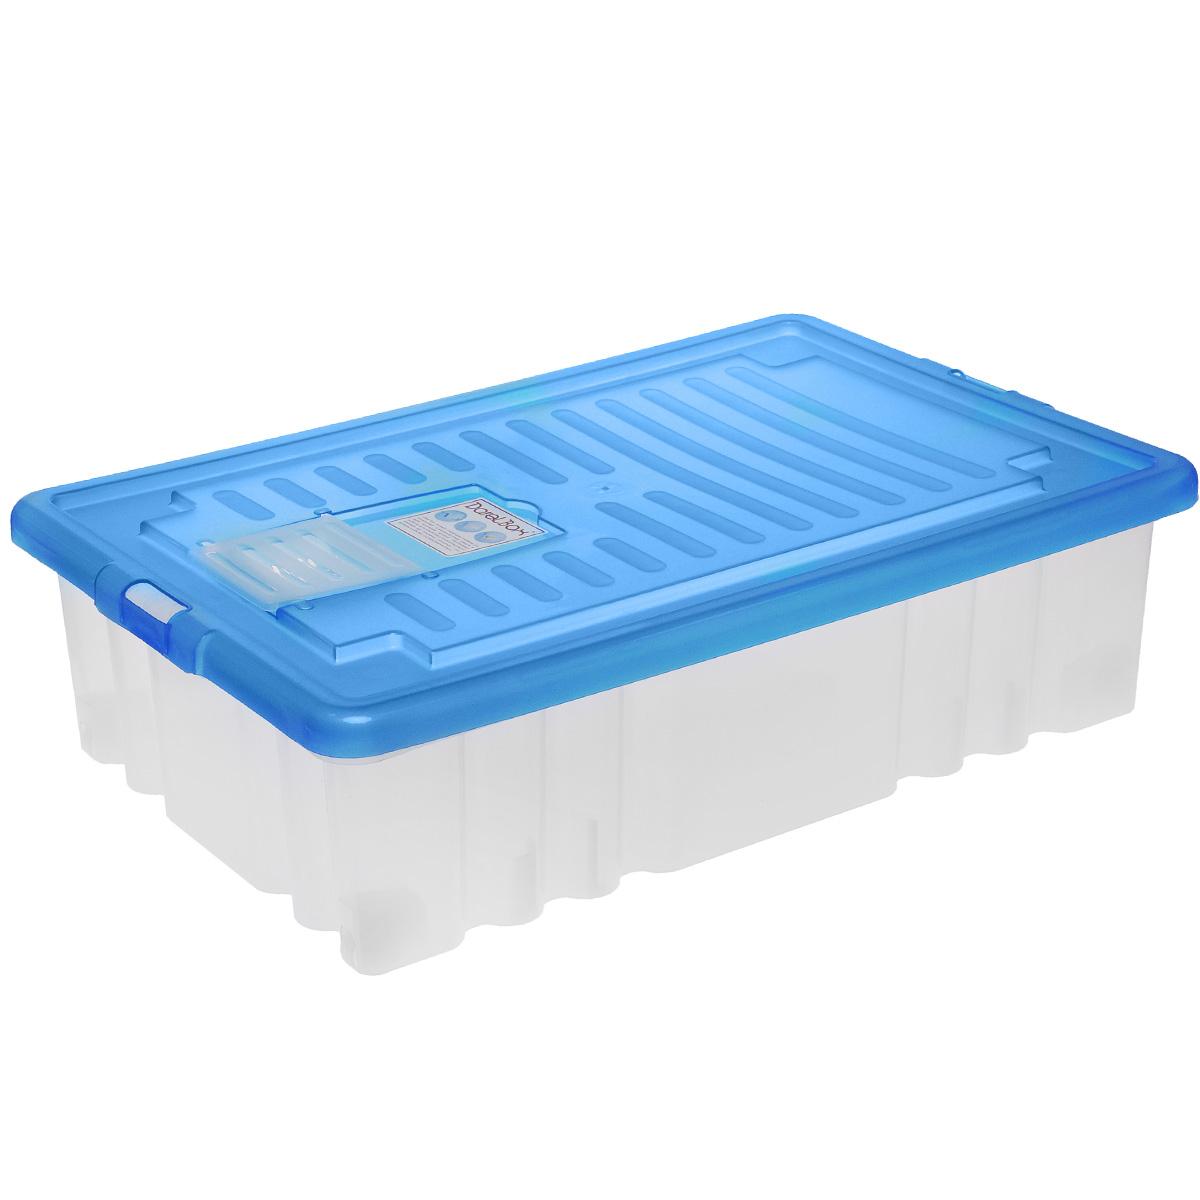 Ящик Darel Box, с крышкой, цвет: синий, прозрачный, 36 лV4140/1SЯщик Darel Box, изготовленный из пластика, оснащен плотно закрывающейся крышкой и специальным клапаном для антимолиевых и дезодорирующих веществ. Изделие предназначено для хранения различных бытовых вещей. Идеально подойдет для хранения белья, продуктов, игрушек. Будет незаменим на даче, в гараже или кладовой. Выдерживает температурные перепады от -25°С до +95°С. Изделие имеет четыре маленьких колесика, обеспечивающих удобство перемещения ящика. Колеса бокса могут принимать два положения: утопленное - для хранения, и рабочее - для перемещения. Размер ящика: 61 см х 40 см х 17 см.